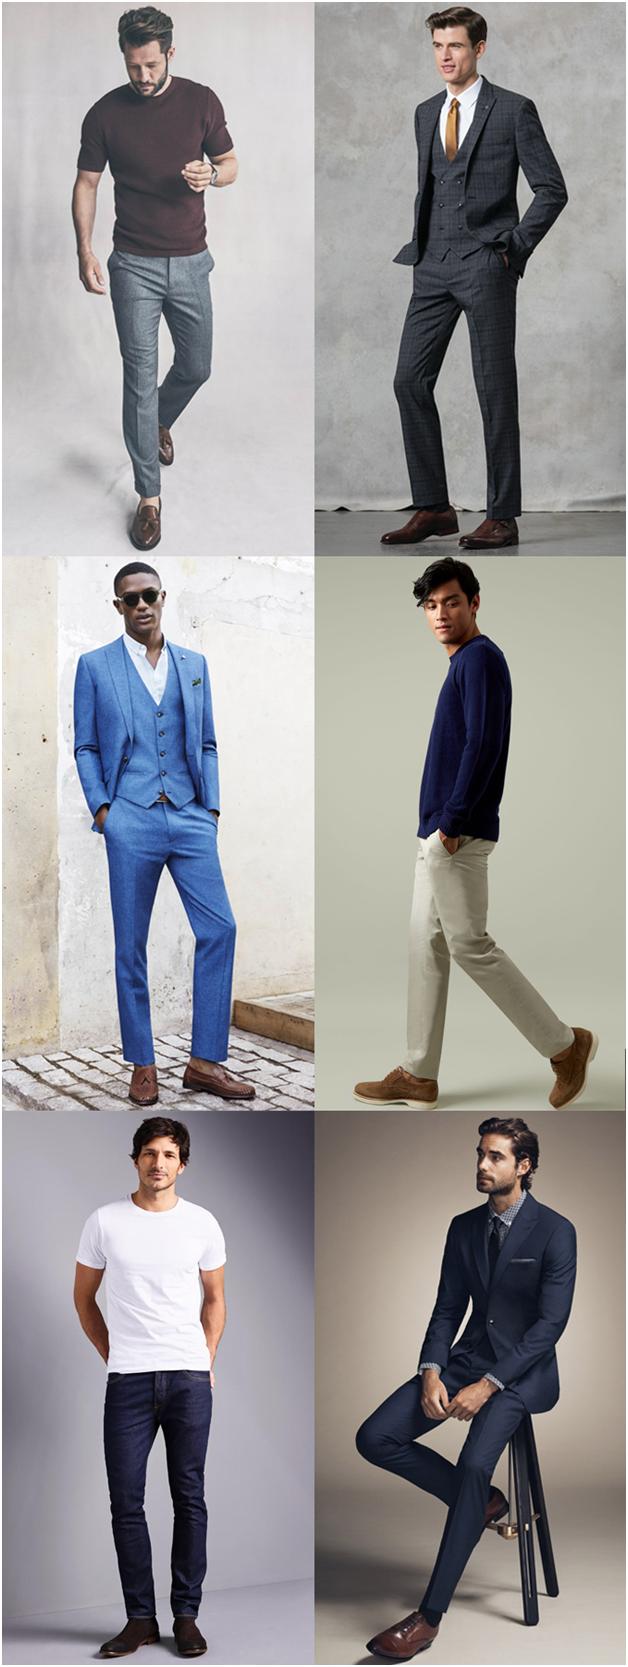 کفش های قهوه ای - ترکیب رنگ کفش مردانه - پیرکاردین